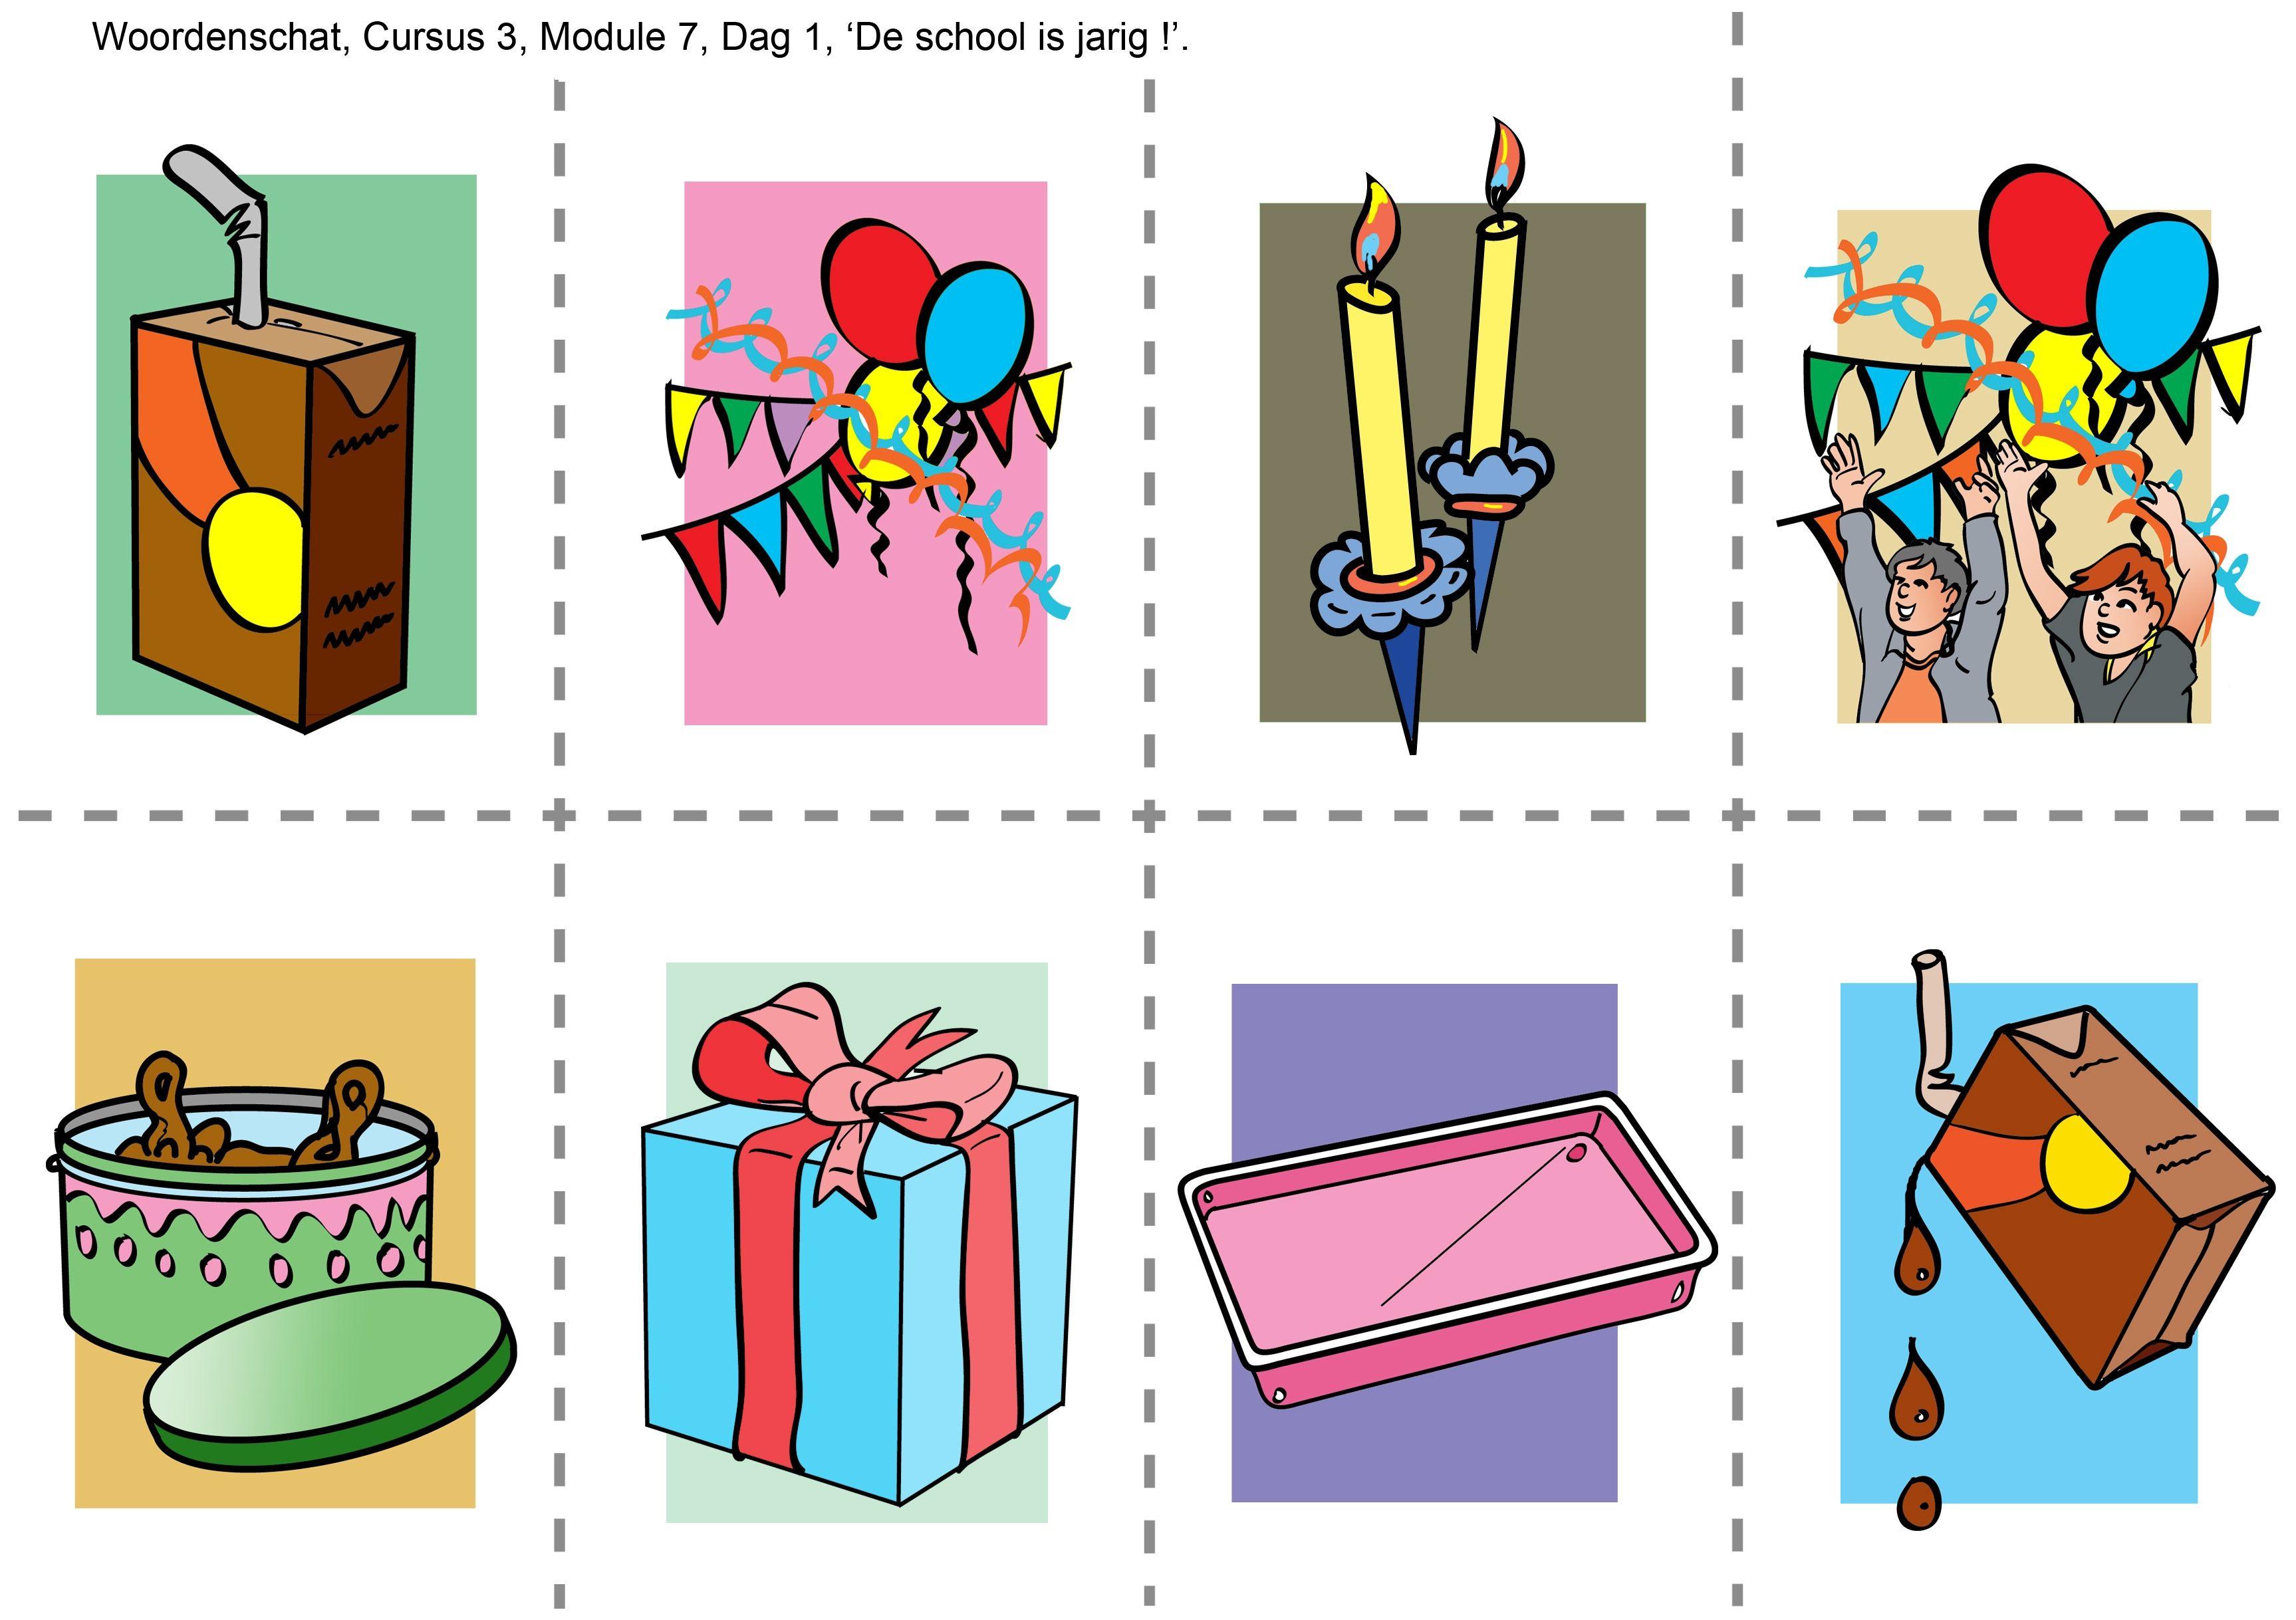 het pakje , de versiering, de kaarsjes, het kinderfeest, de koektrommel, het cadeautje of het pakje, de schaal, knoeien.